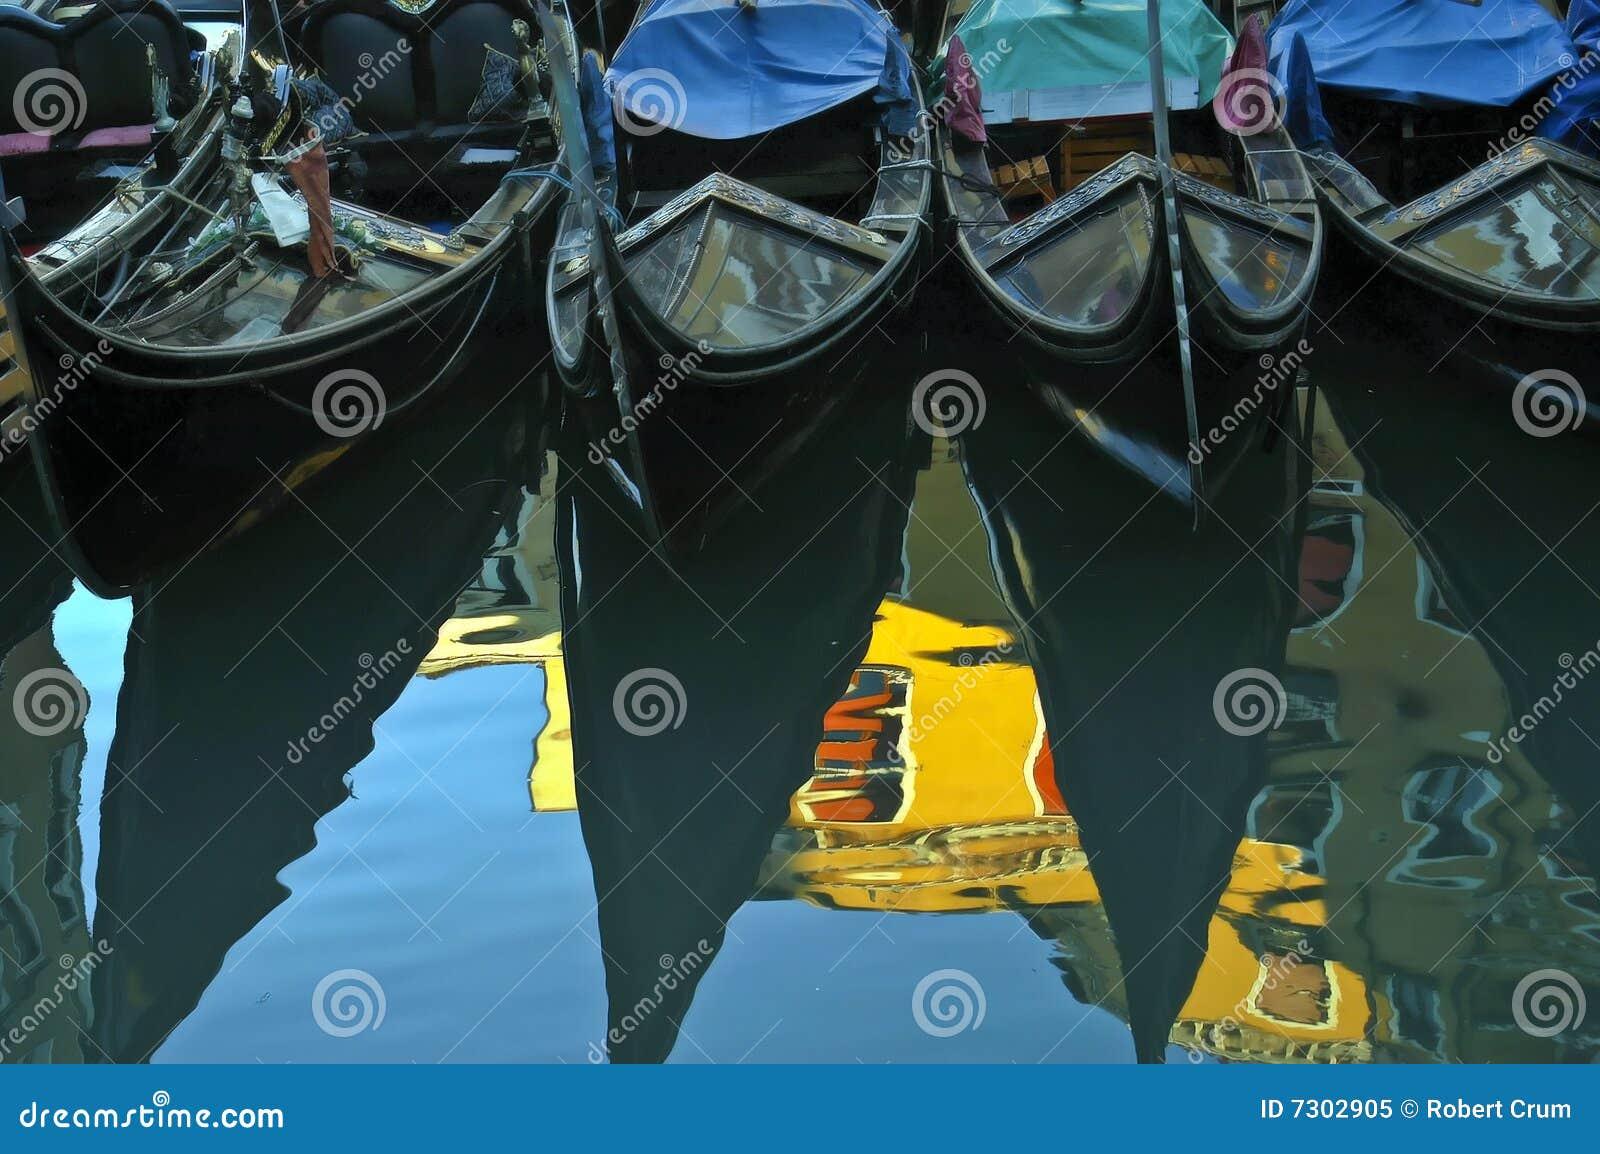 Download Gondole, Venezia. immagine stock. Immagine di gondola - 7302905